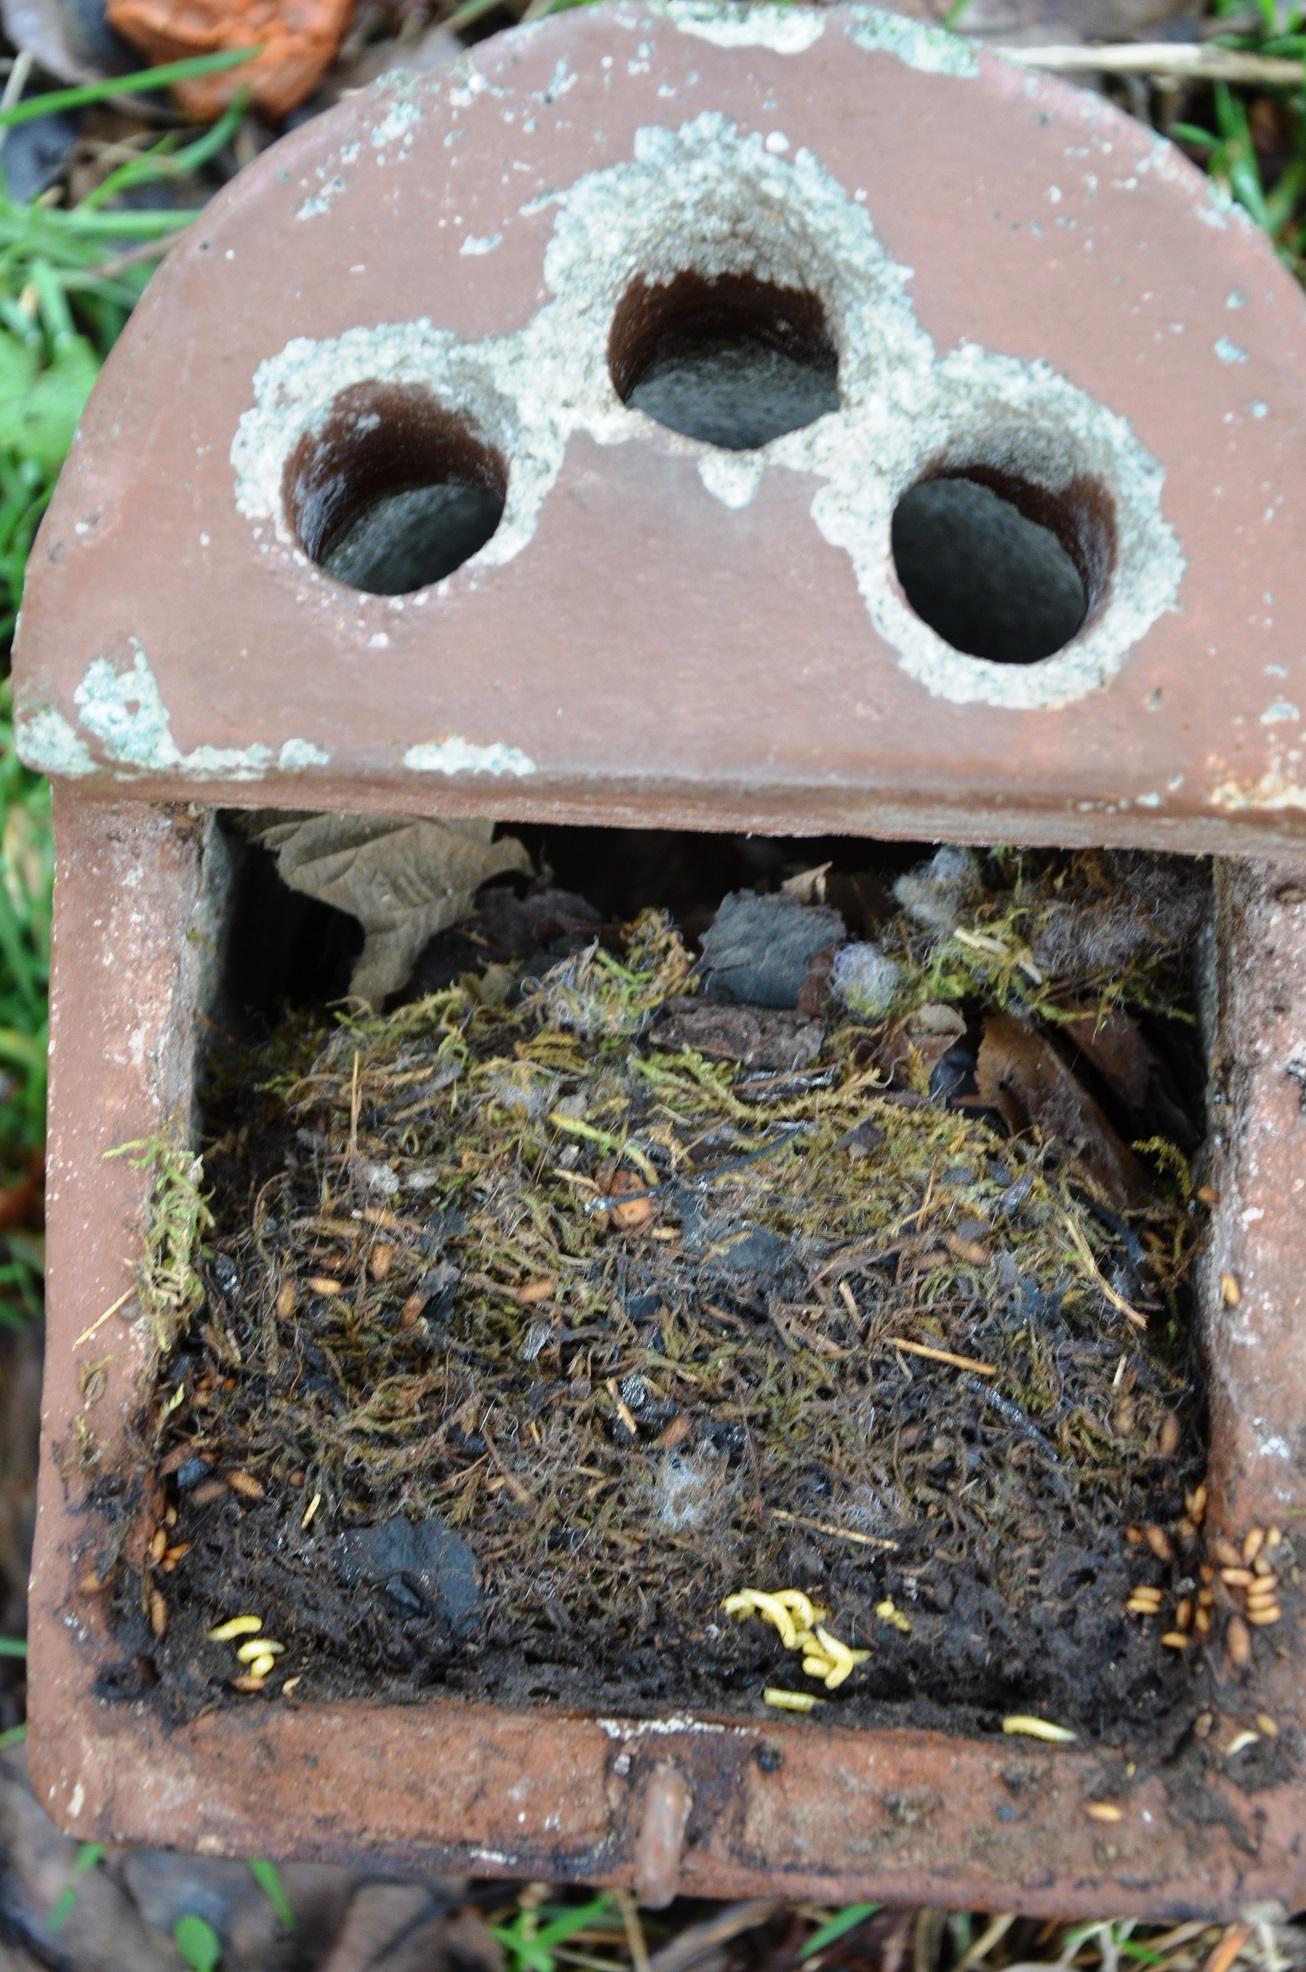 Die Nistkästen werden gewartet, gereinigt und ihr Inhalt auf Milben untersucht.